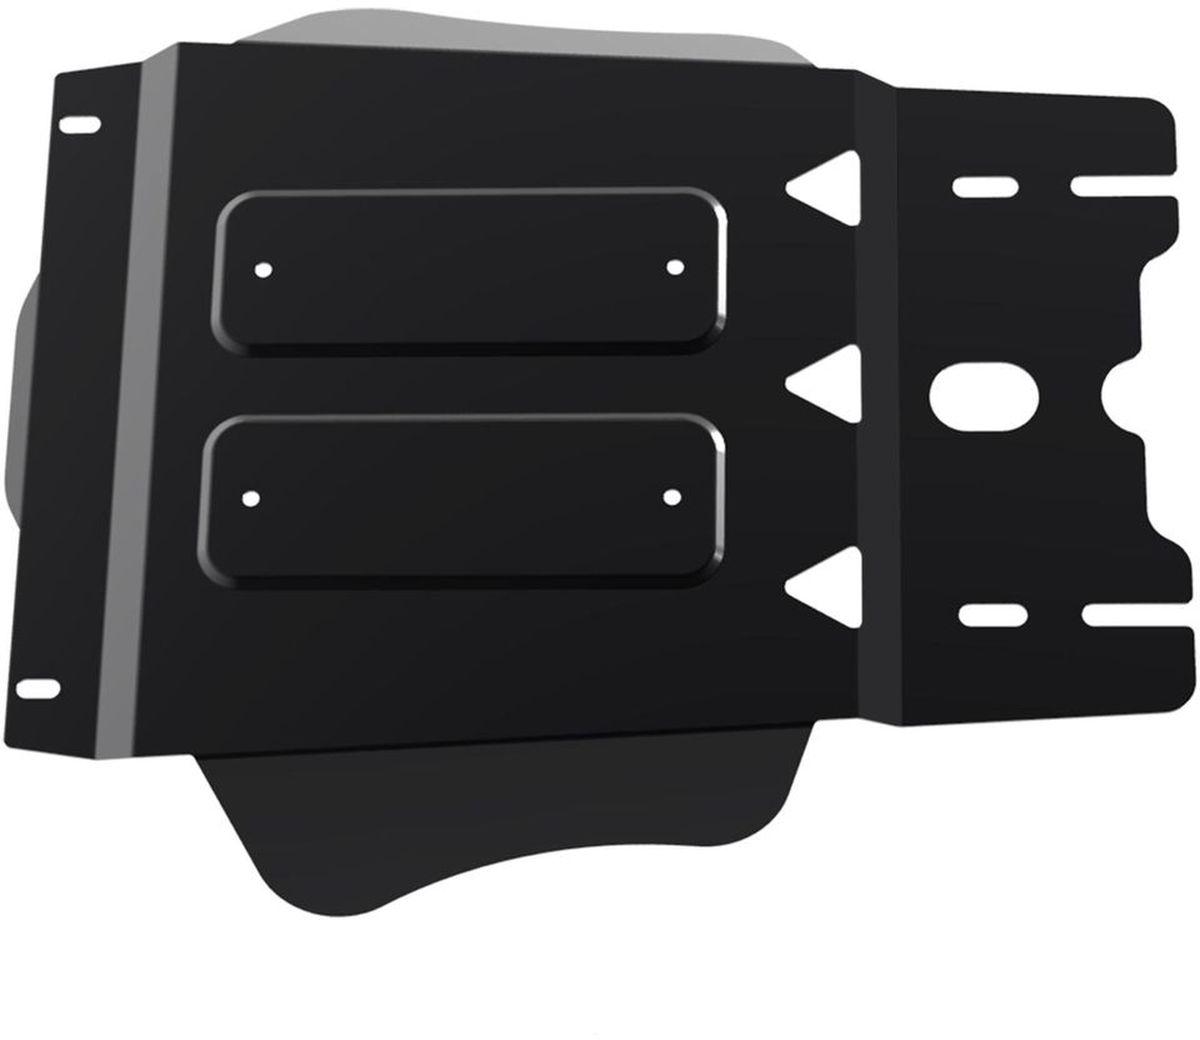 Защита КПП Автоброня, для VolkswagenCrafter, V - все (2006-)111.05829.1Технологически совершенный продукт за невысокую стоимость. Защита разработана с учетом особенностей днища автомобиля, что позволяет сохранить дорожный просвет с минимальным изменением. Защита устанавливается в штатные места кузова автомобиля. Глубокий штамп обеспечивает до двух раз больше жесткости в сравнении с обычной защитой той же толщины. Проштампованные ребра жесткости препятствуют деформации защиты при ударах. Тепловой зазор и вентиляционные отверстия обеспечивают сохранение температурного режима двигателя в норме. Скрытый крепеж предотвращает срыв крепежных элементов при наезде на препятствие. Шумопоглощающие резиновые элементы обеспечивают комфортную езду без вибраций и скрежета металла, а съемные лючки для слива масла и замены фильтра - экономию средств и время. Конструкция изделия не влияет на пассивную безопасность автомобиля (при ударе защита не воздействует на деформационные зоны кузова). Со штатным крепежом. В комплекте инструкция по установке....